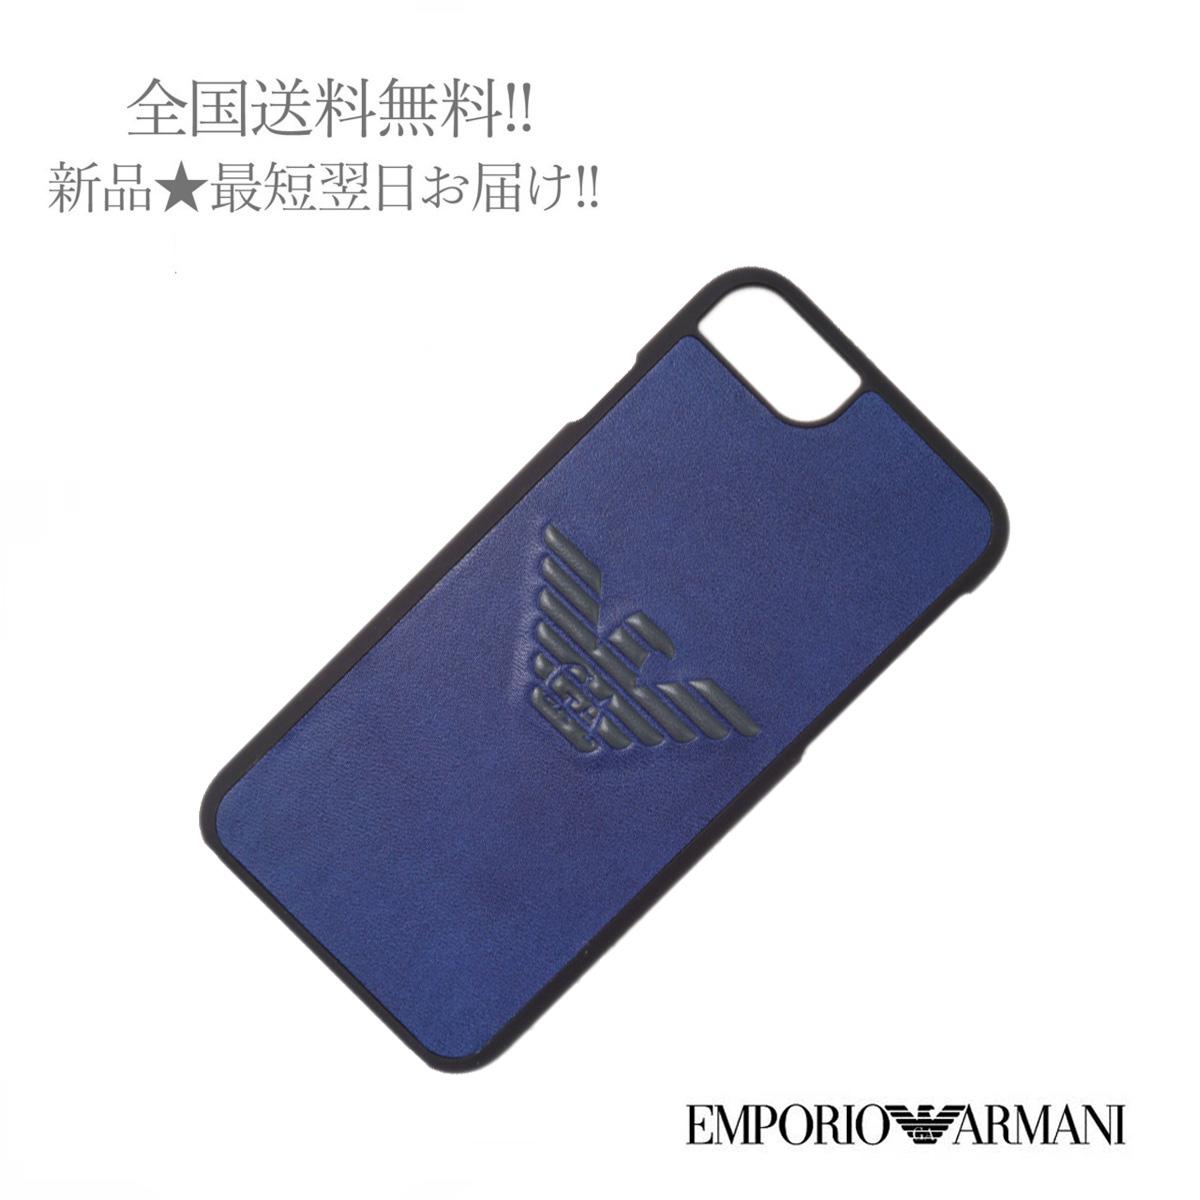 EMPORIO 期間限定の激安セール ARMANI エンポリオ アルマーニ iPhone 2020 新作 6 6s 7 8 SE 第2世代 PU LISCIO 83197 G. 新品 ロゴ メンズ 男 BLUE ELECTRIC